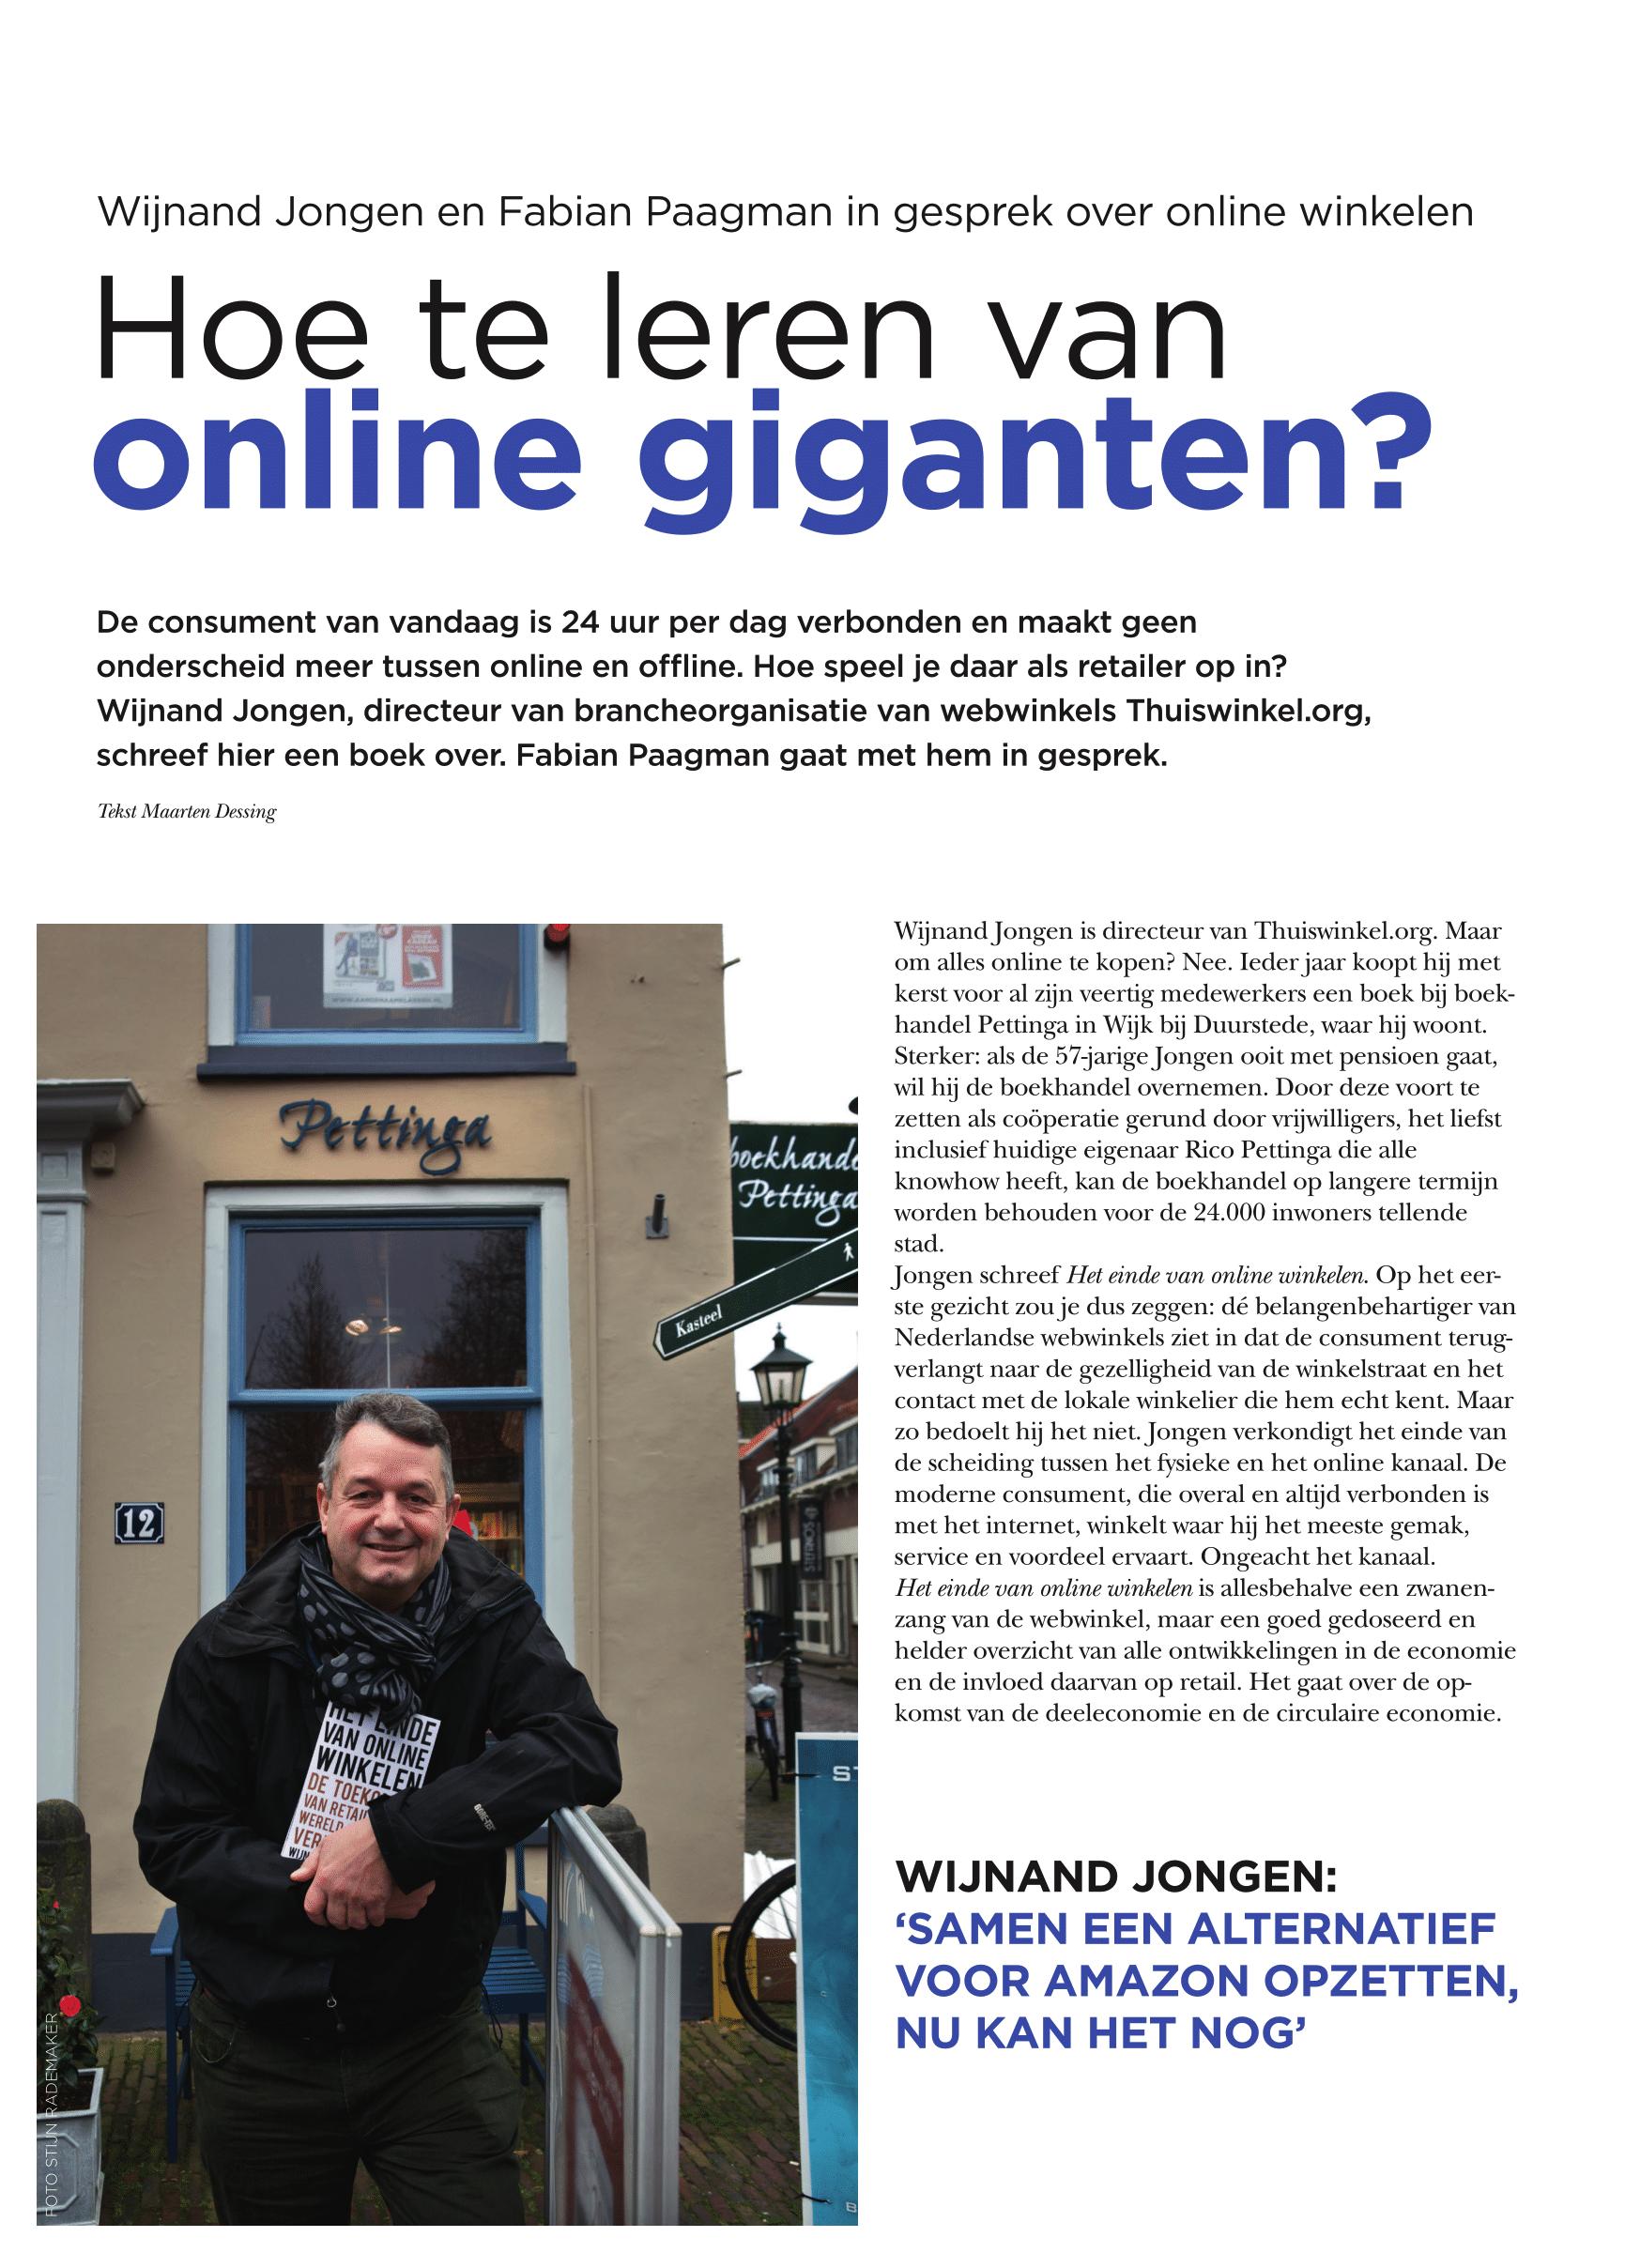 Hoe te leren van online giganten?